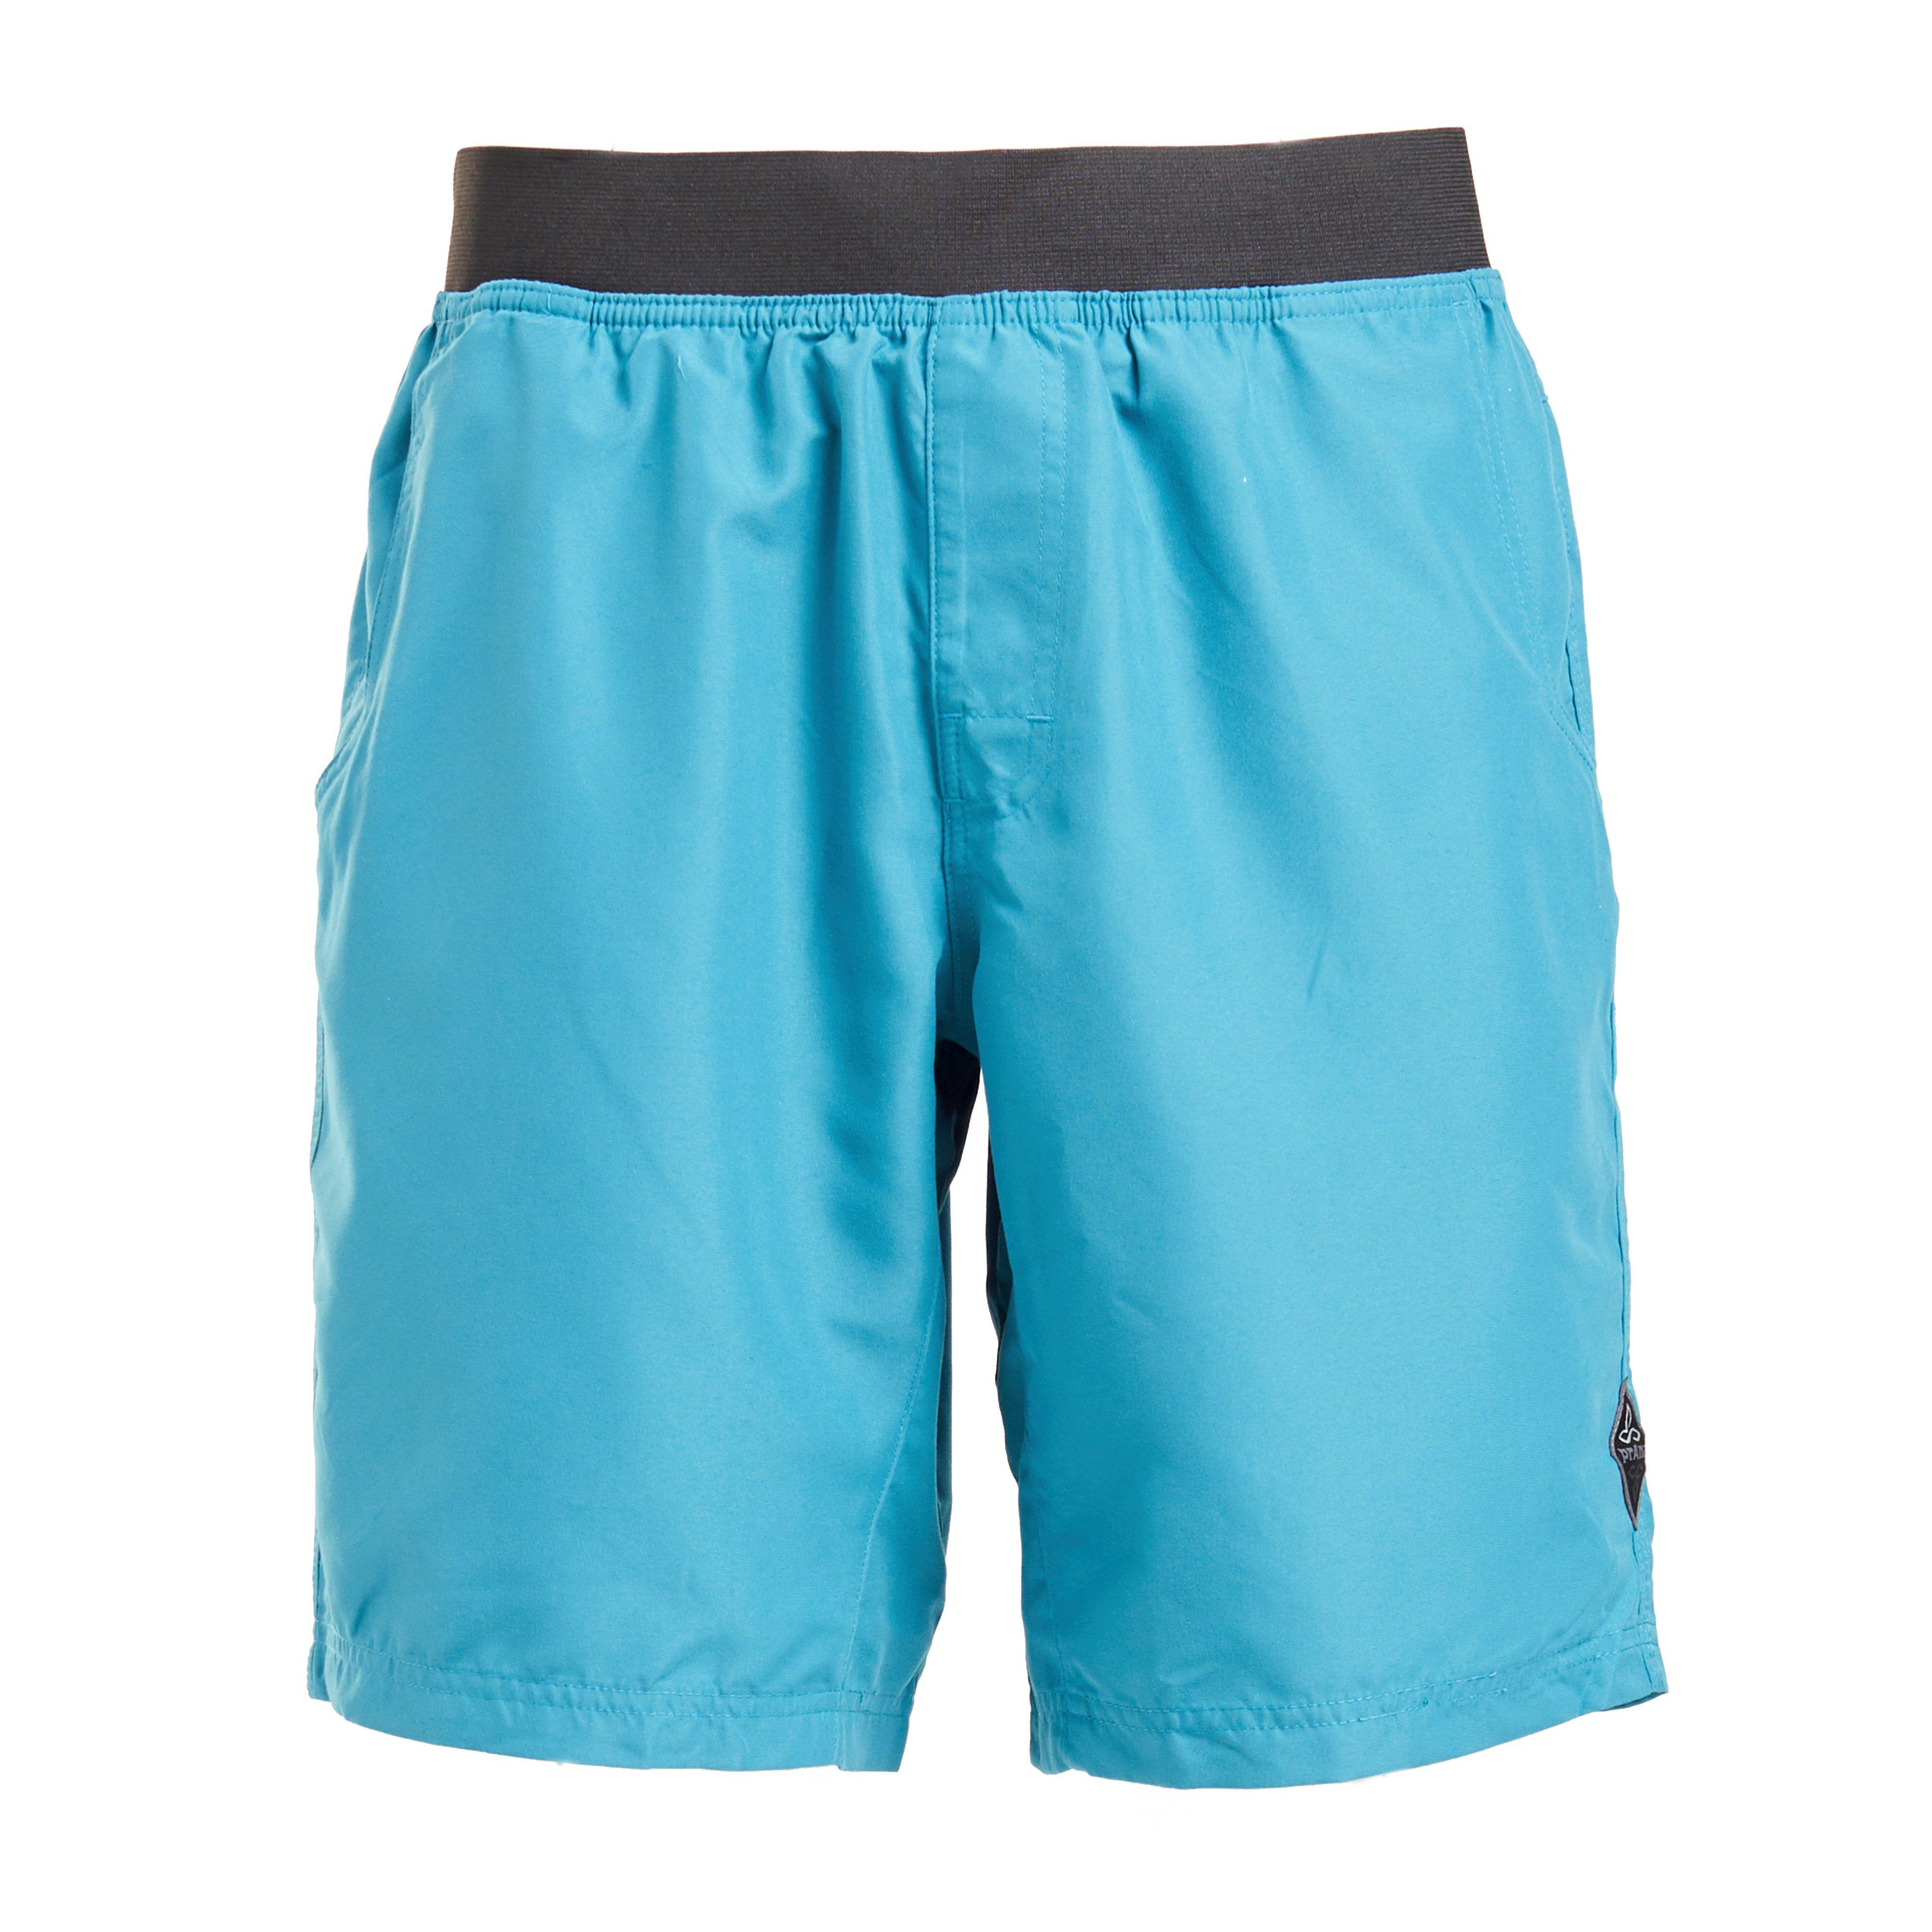 Prana Men's Mojo Climbing Shorts, Blue/SHORT